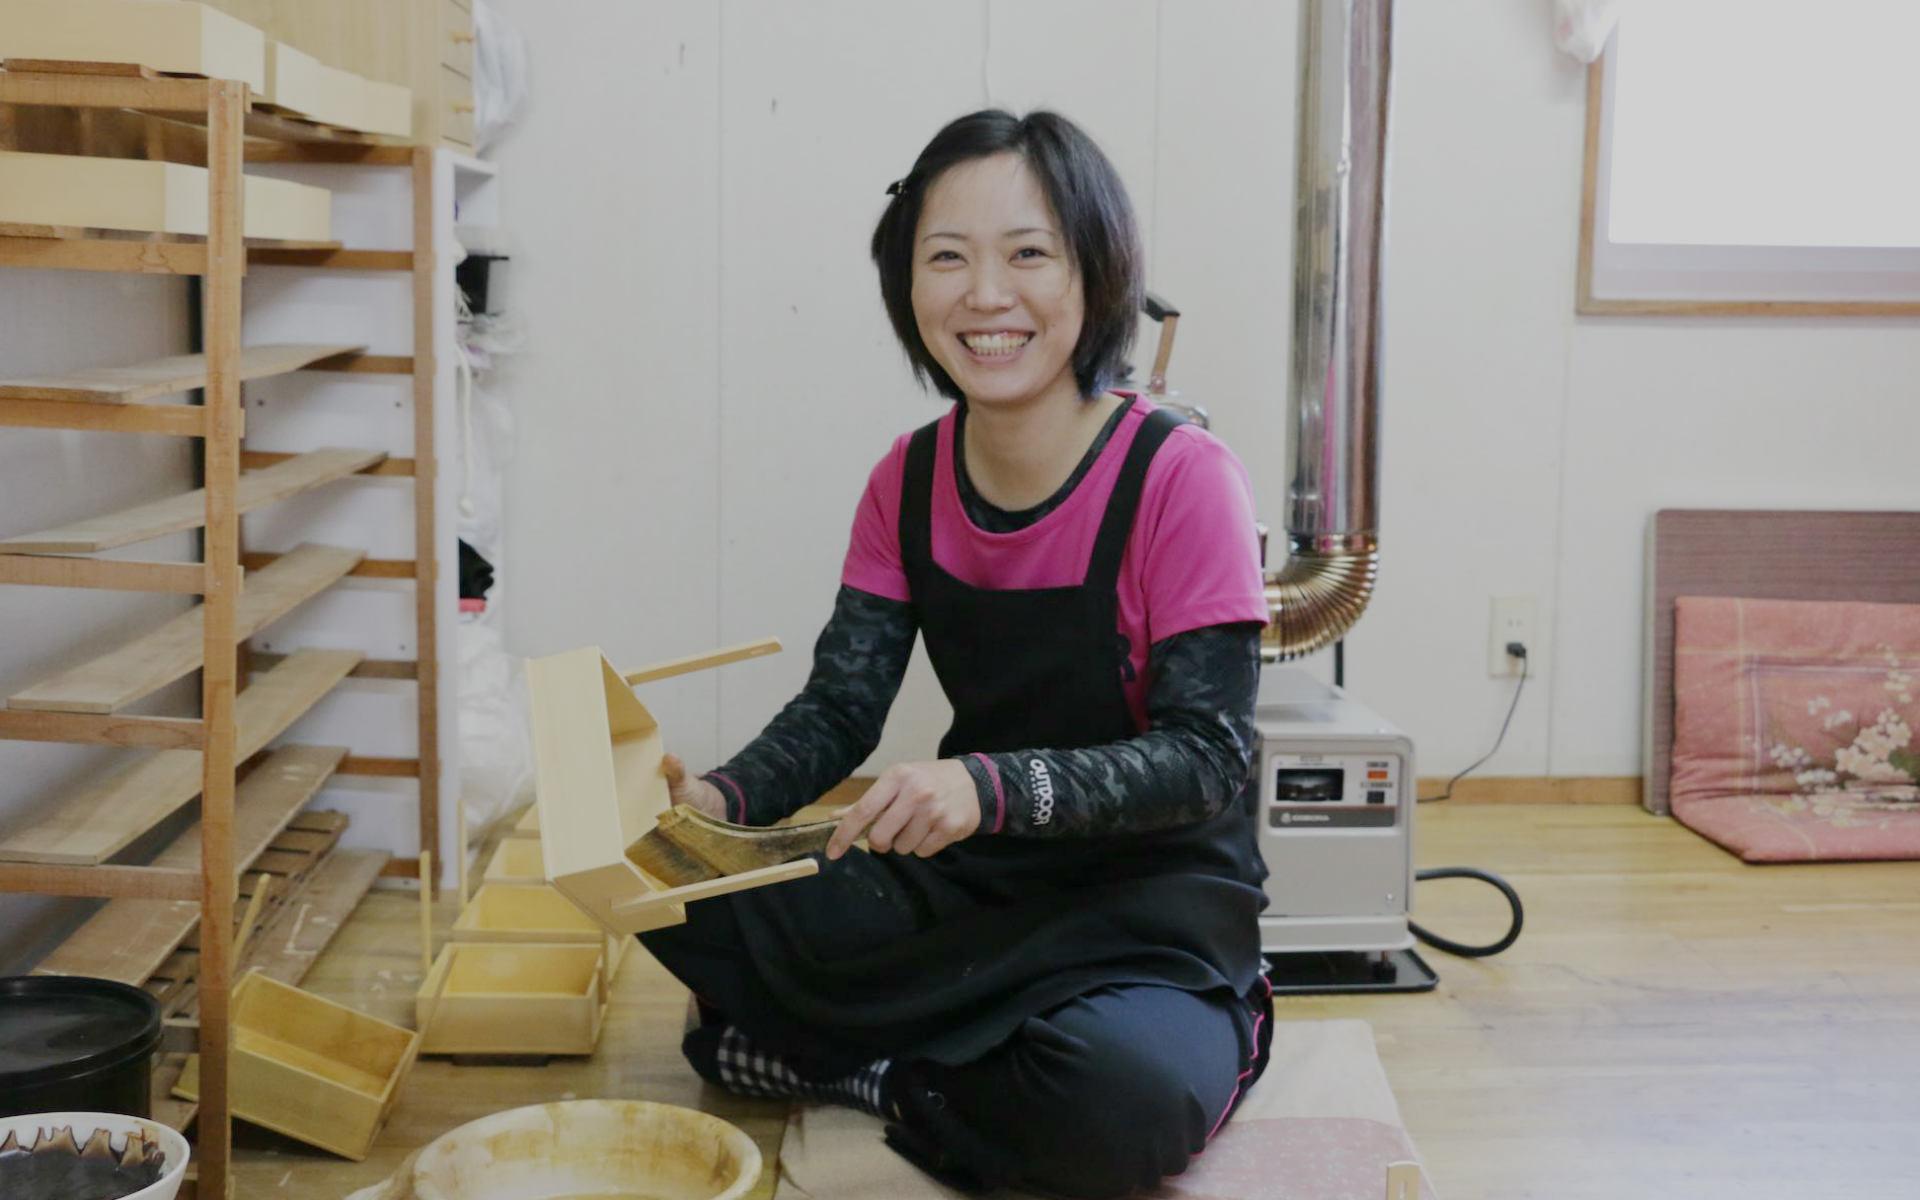 27歳で東京の会社員から飛騨の漆職人に転職した、彼女の選択